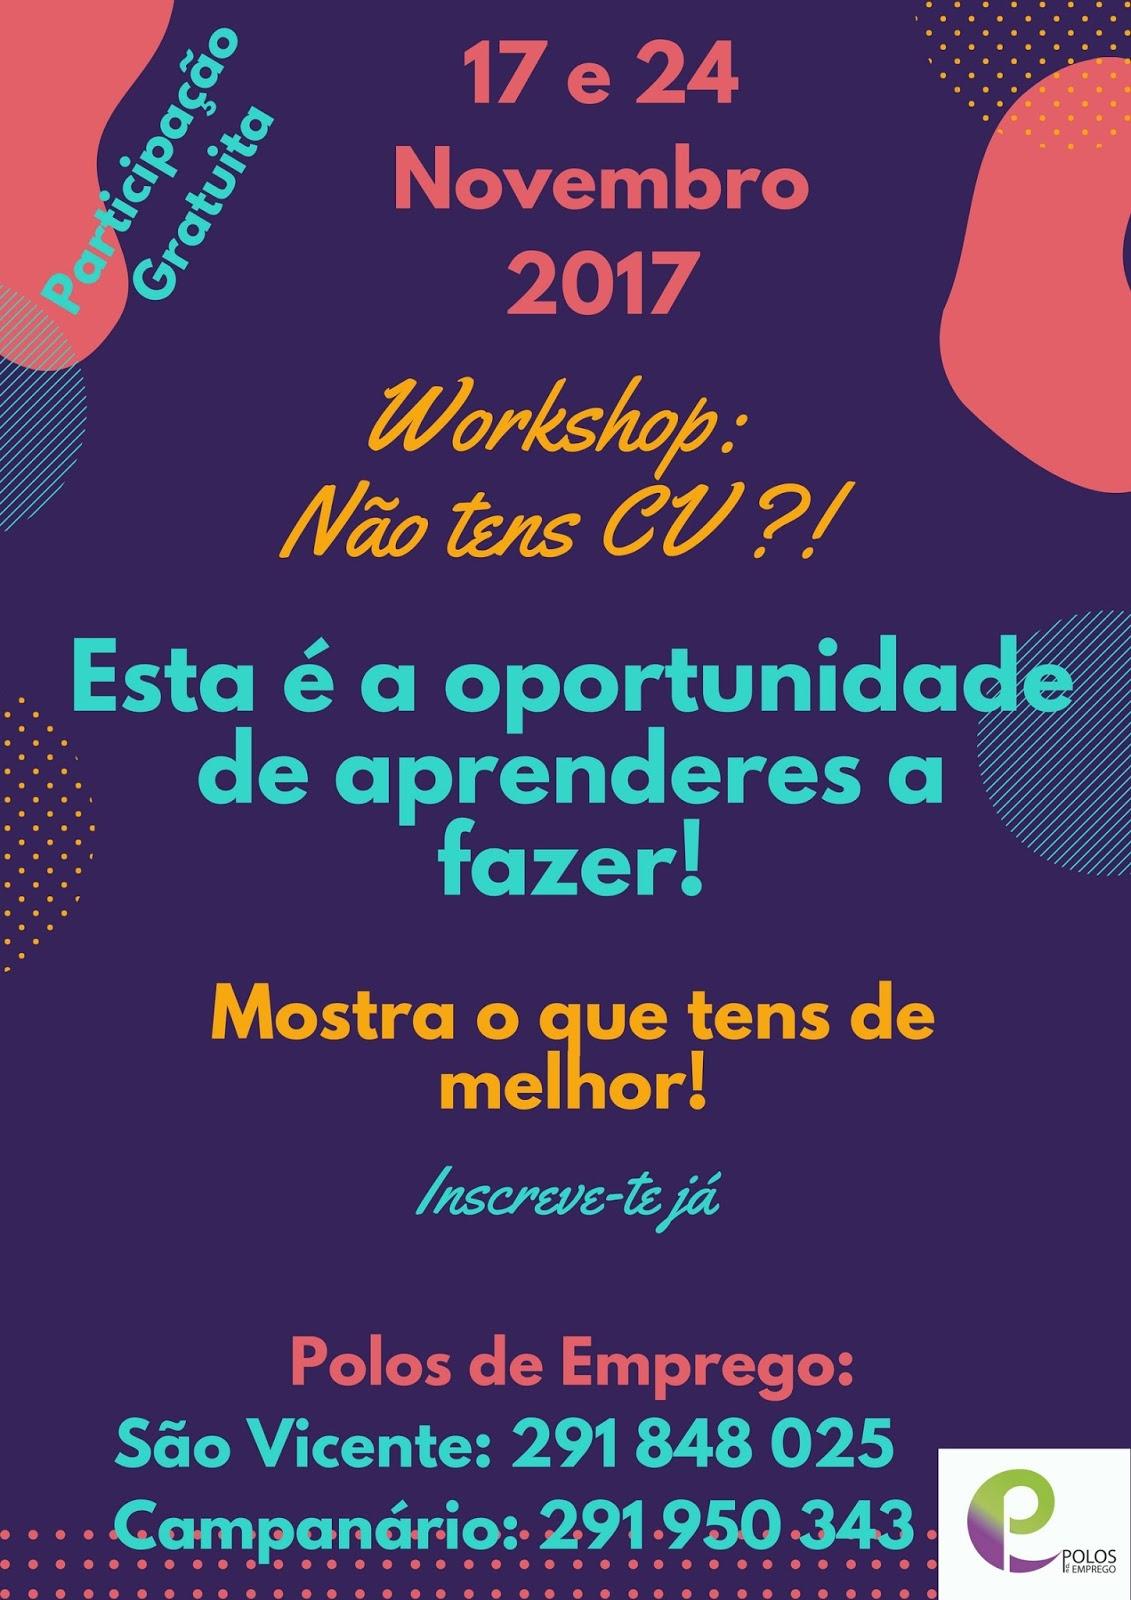 Workshop gratuito para aprender a fazer Curriculum Vitae – Madeira